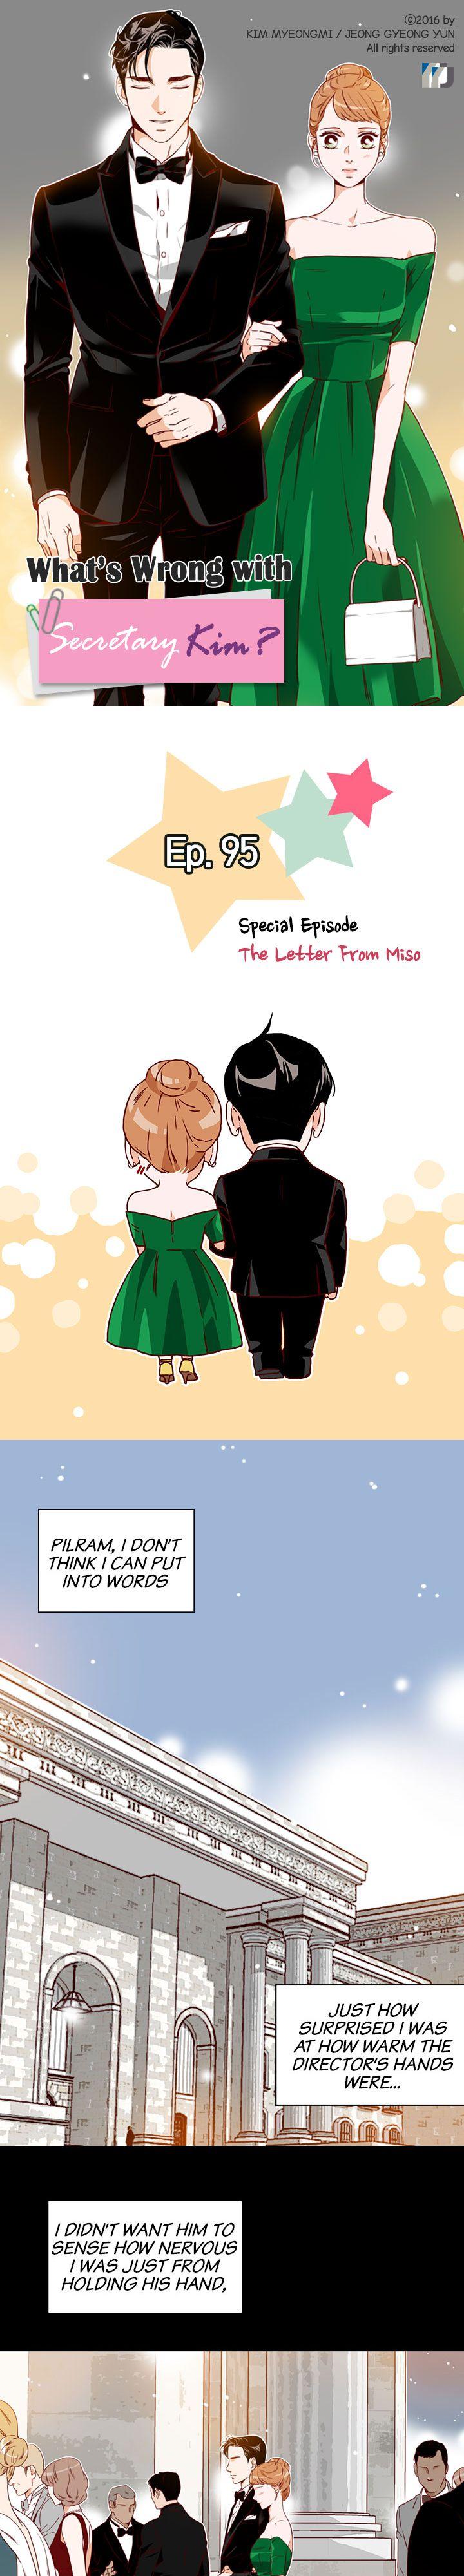 https://manga.mangadogs.com/comics/pic2/15/25807/960752/ca782581b91e28d95dc43d625381dbb6.jpg Page 1